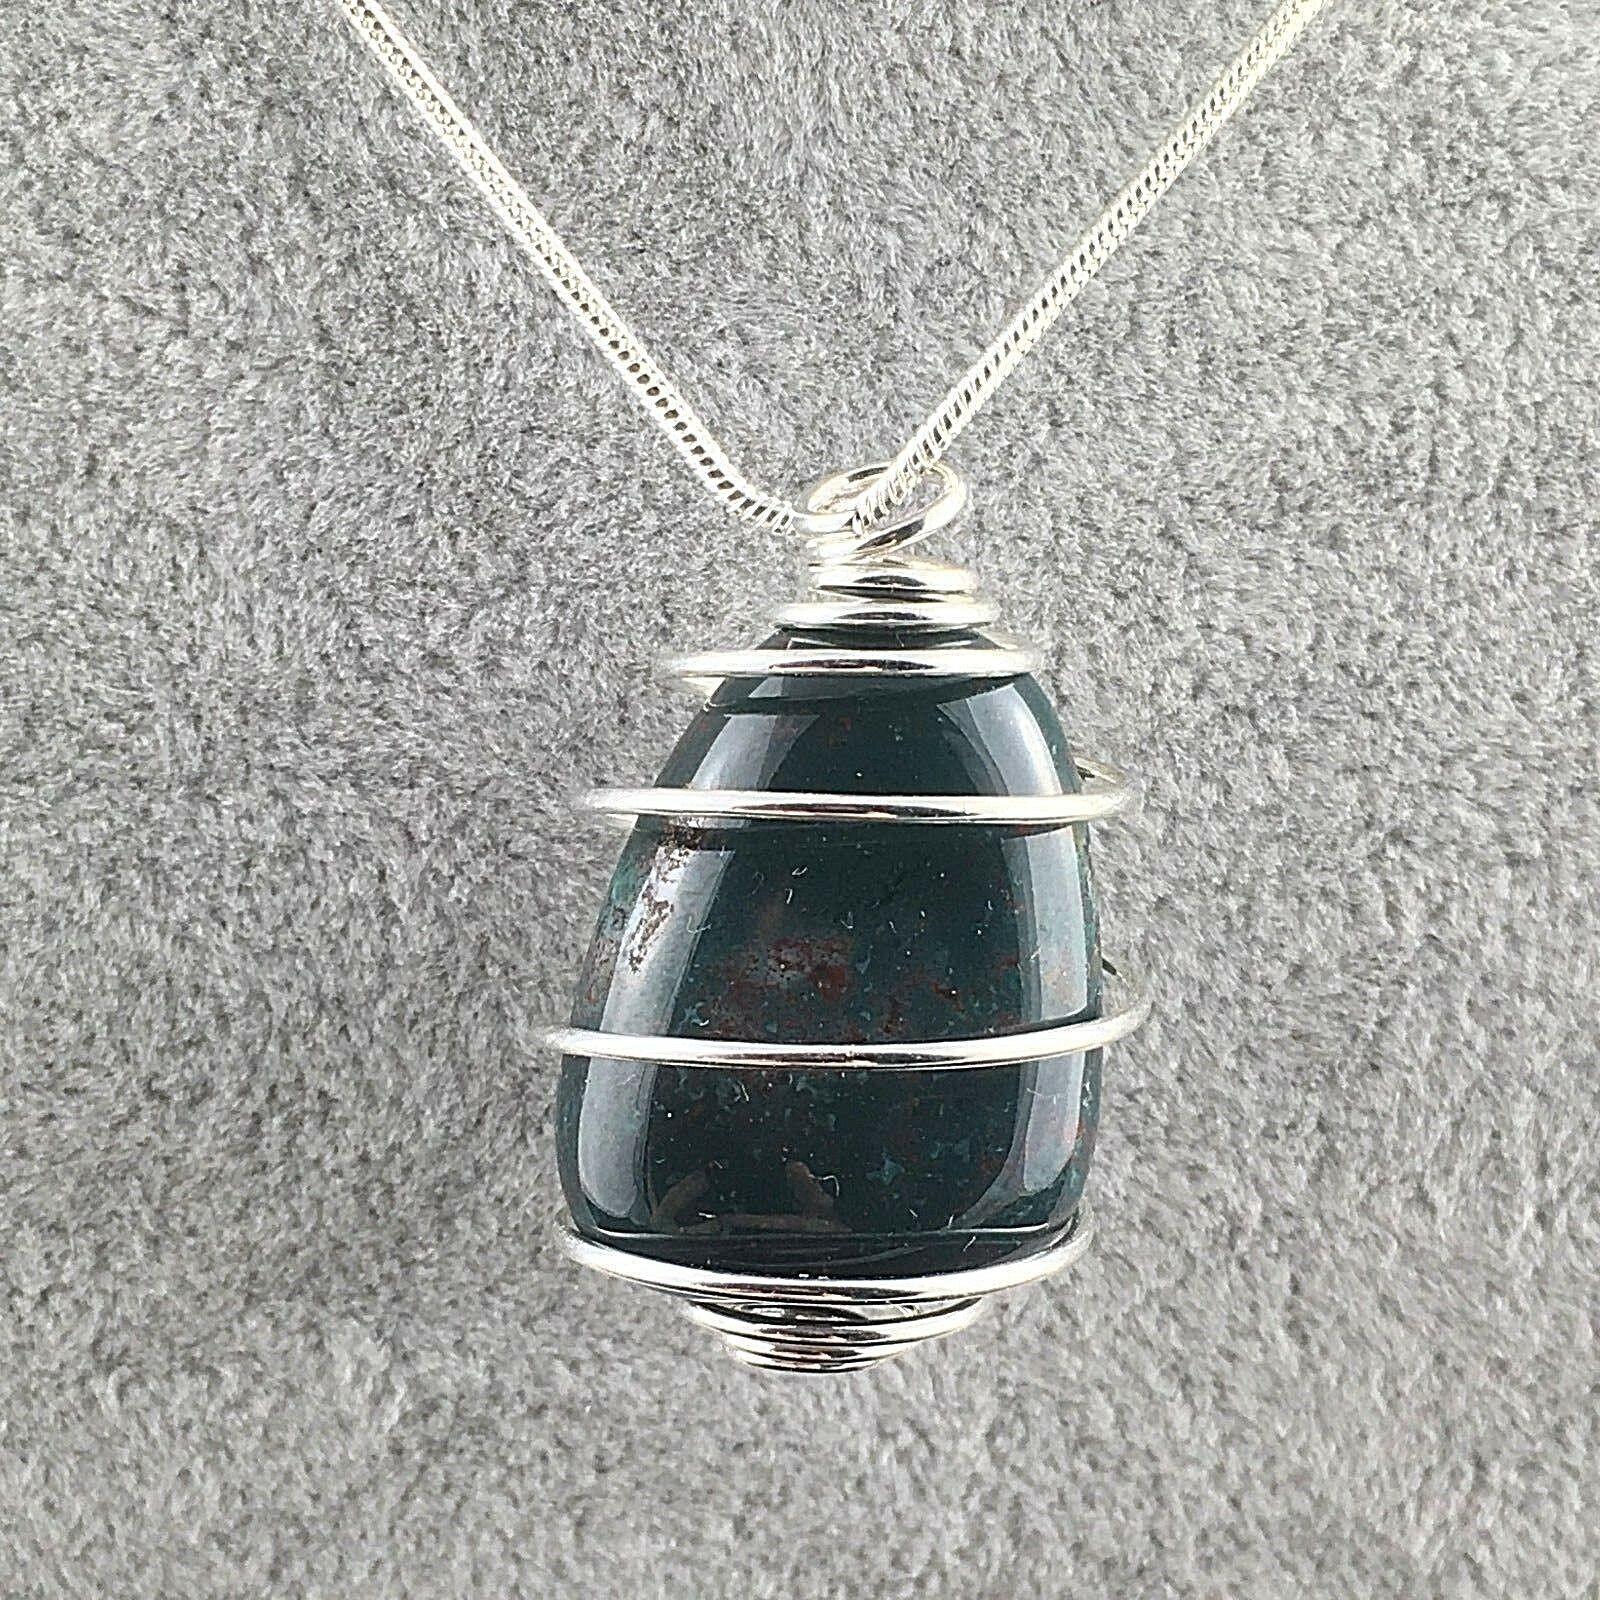 Holistic Gifts Bloodstone Earrings Bloodstone Jewelry Set Handmade Healing Crystal Jewellery Bloodstone Bracelet Aries Jewelry